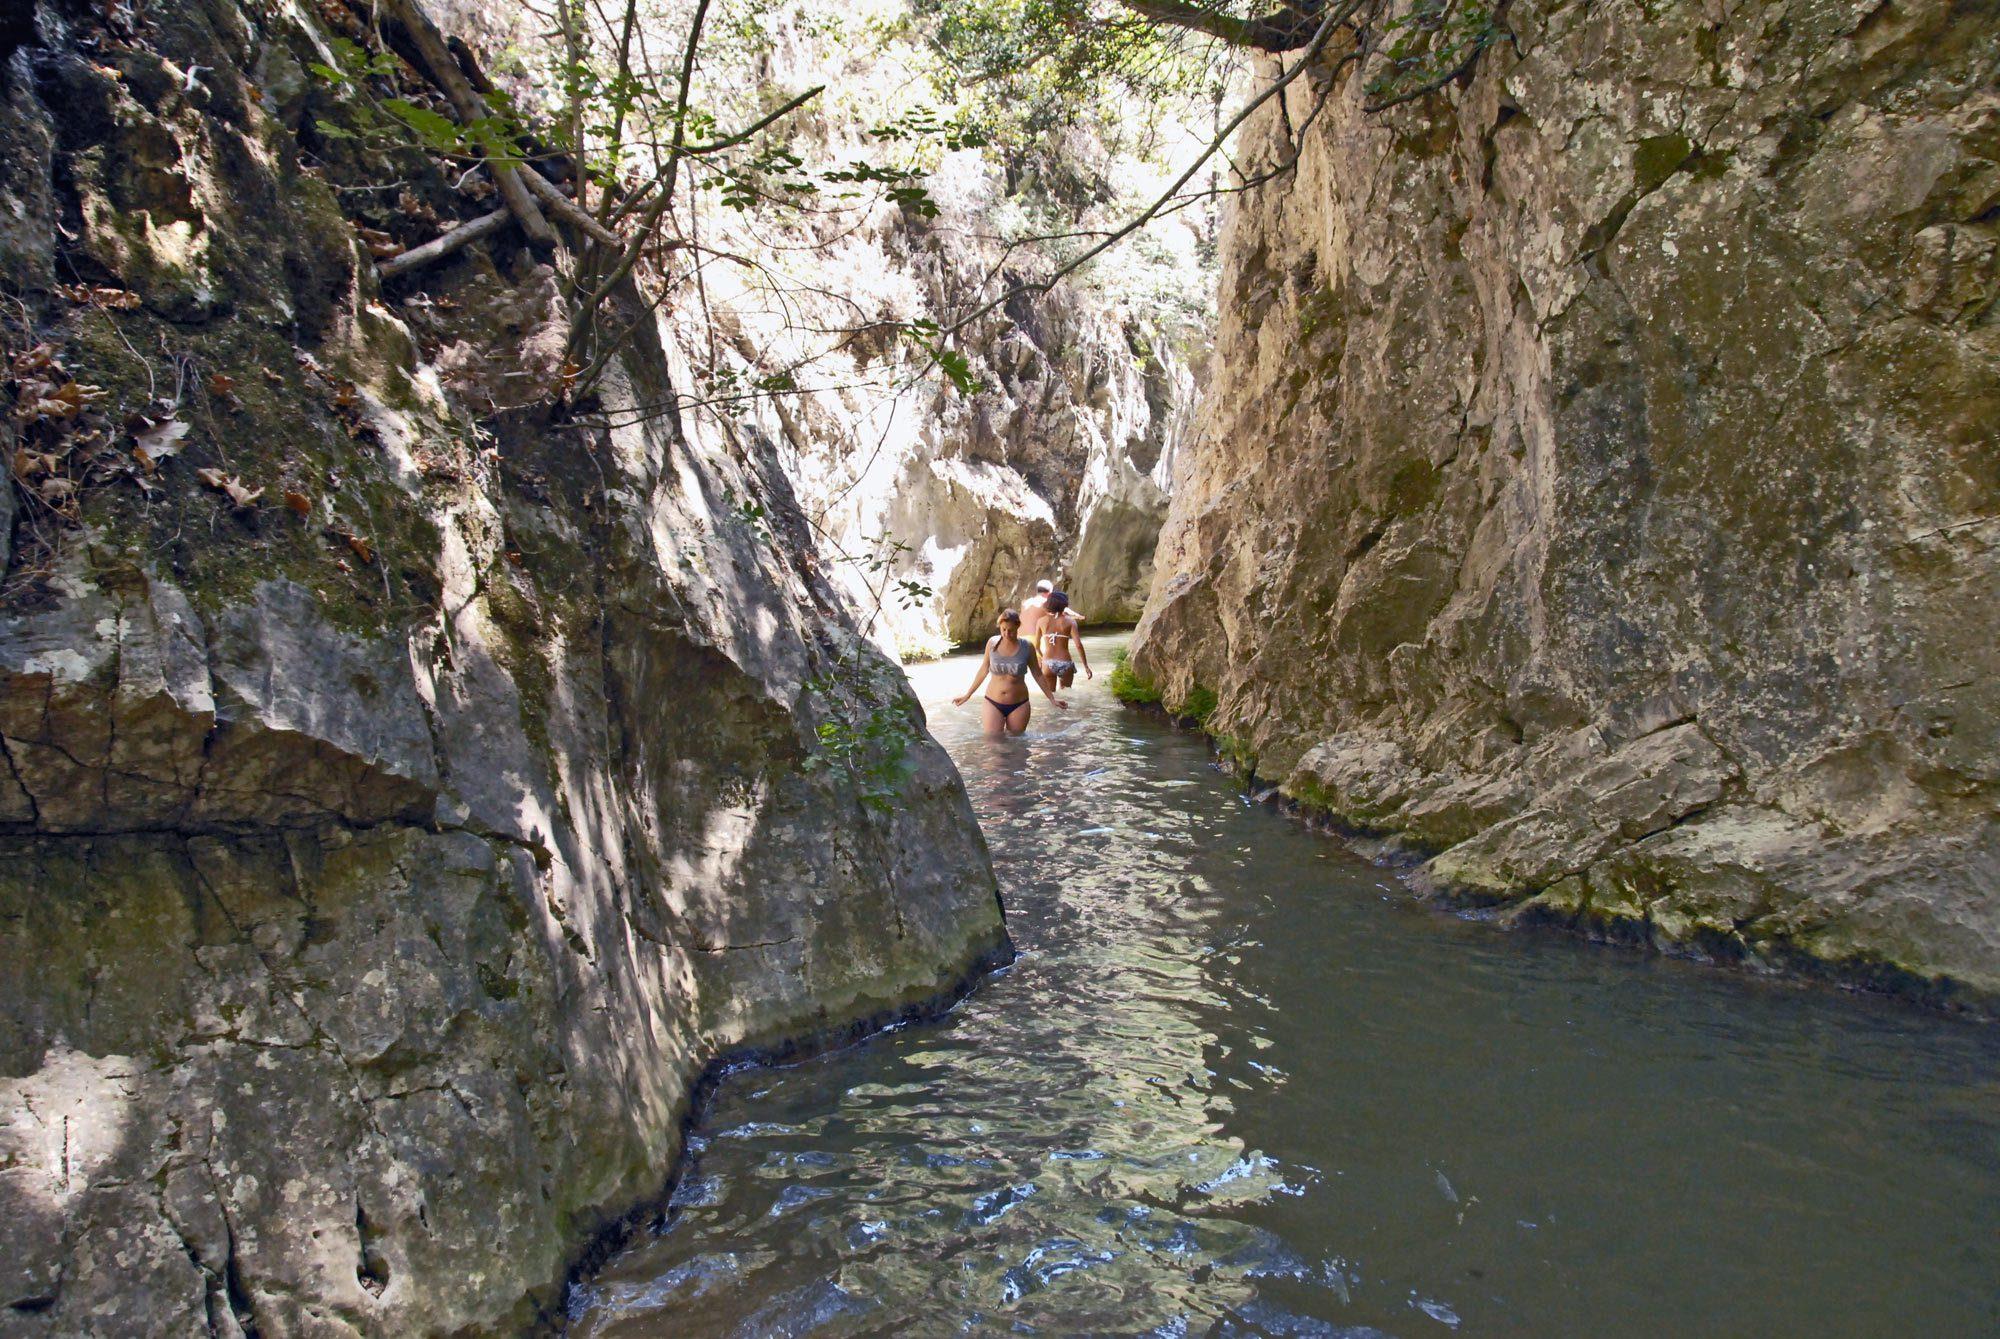 Αποτέλεσμα εικόνας για Σάμος καταρράκτες ποτάμι